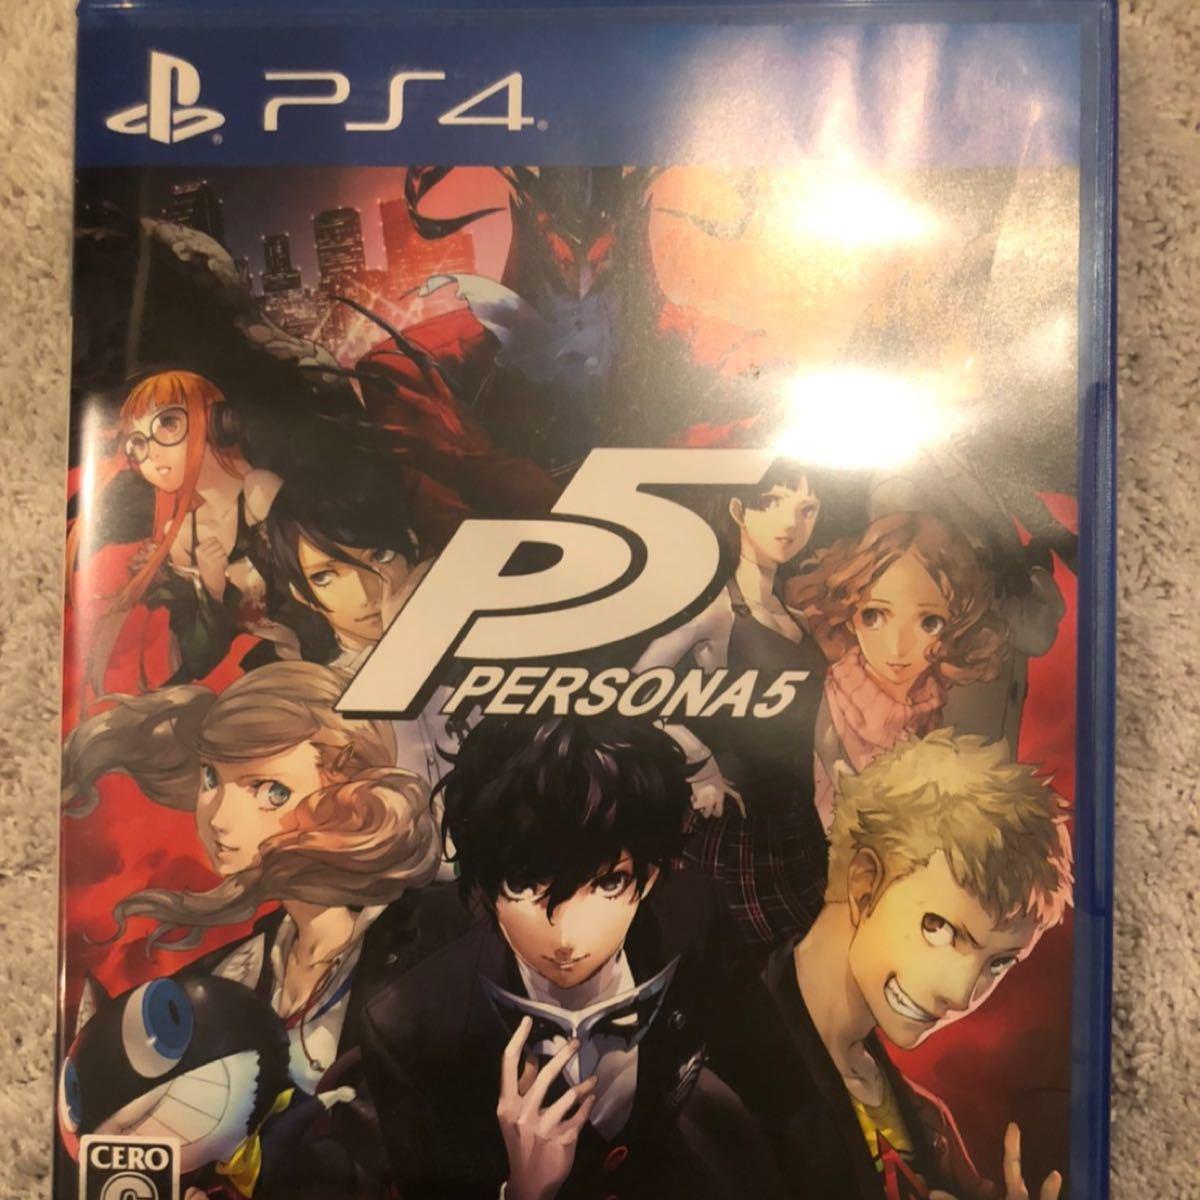 ペルソナ5 PERSONA5 PS4ソフト